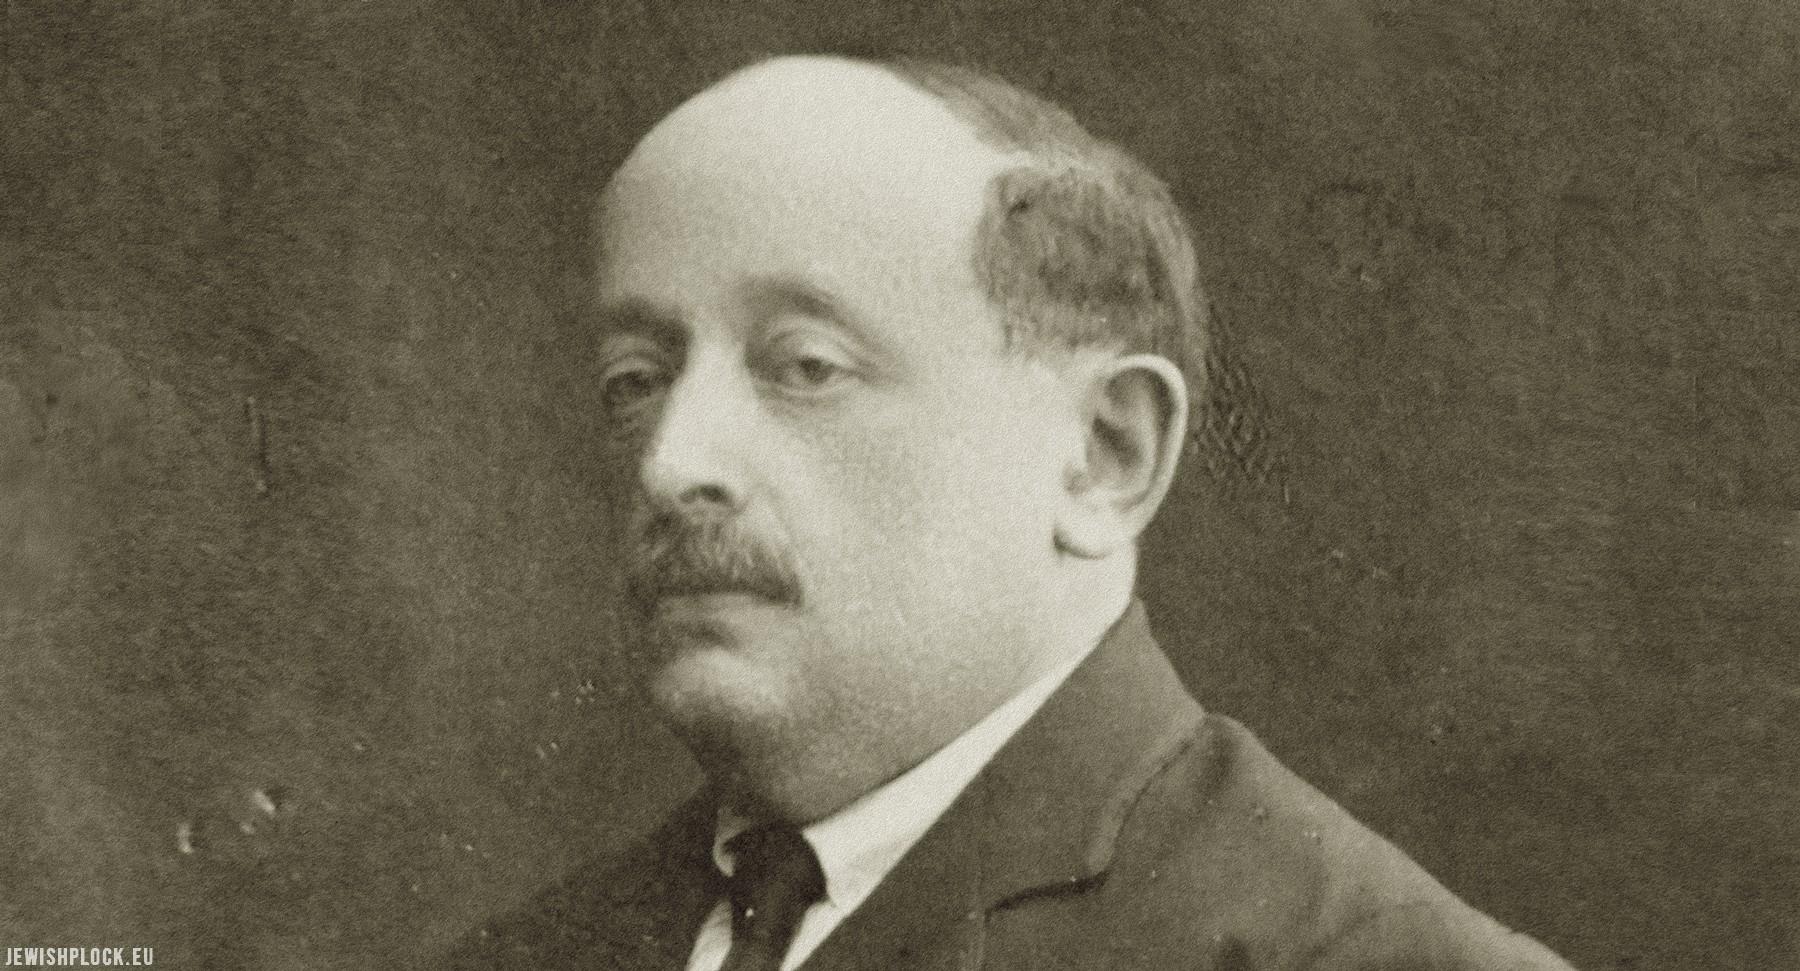 Stanisław Posner